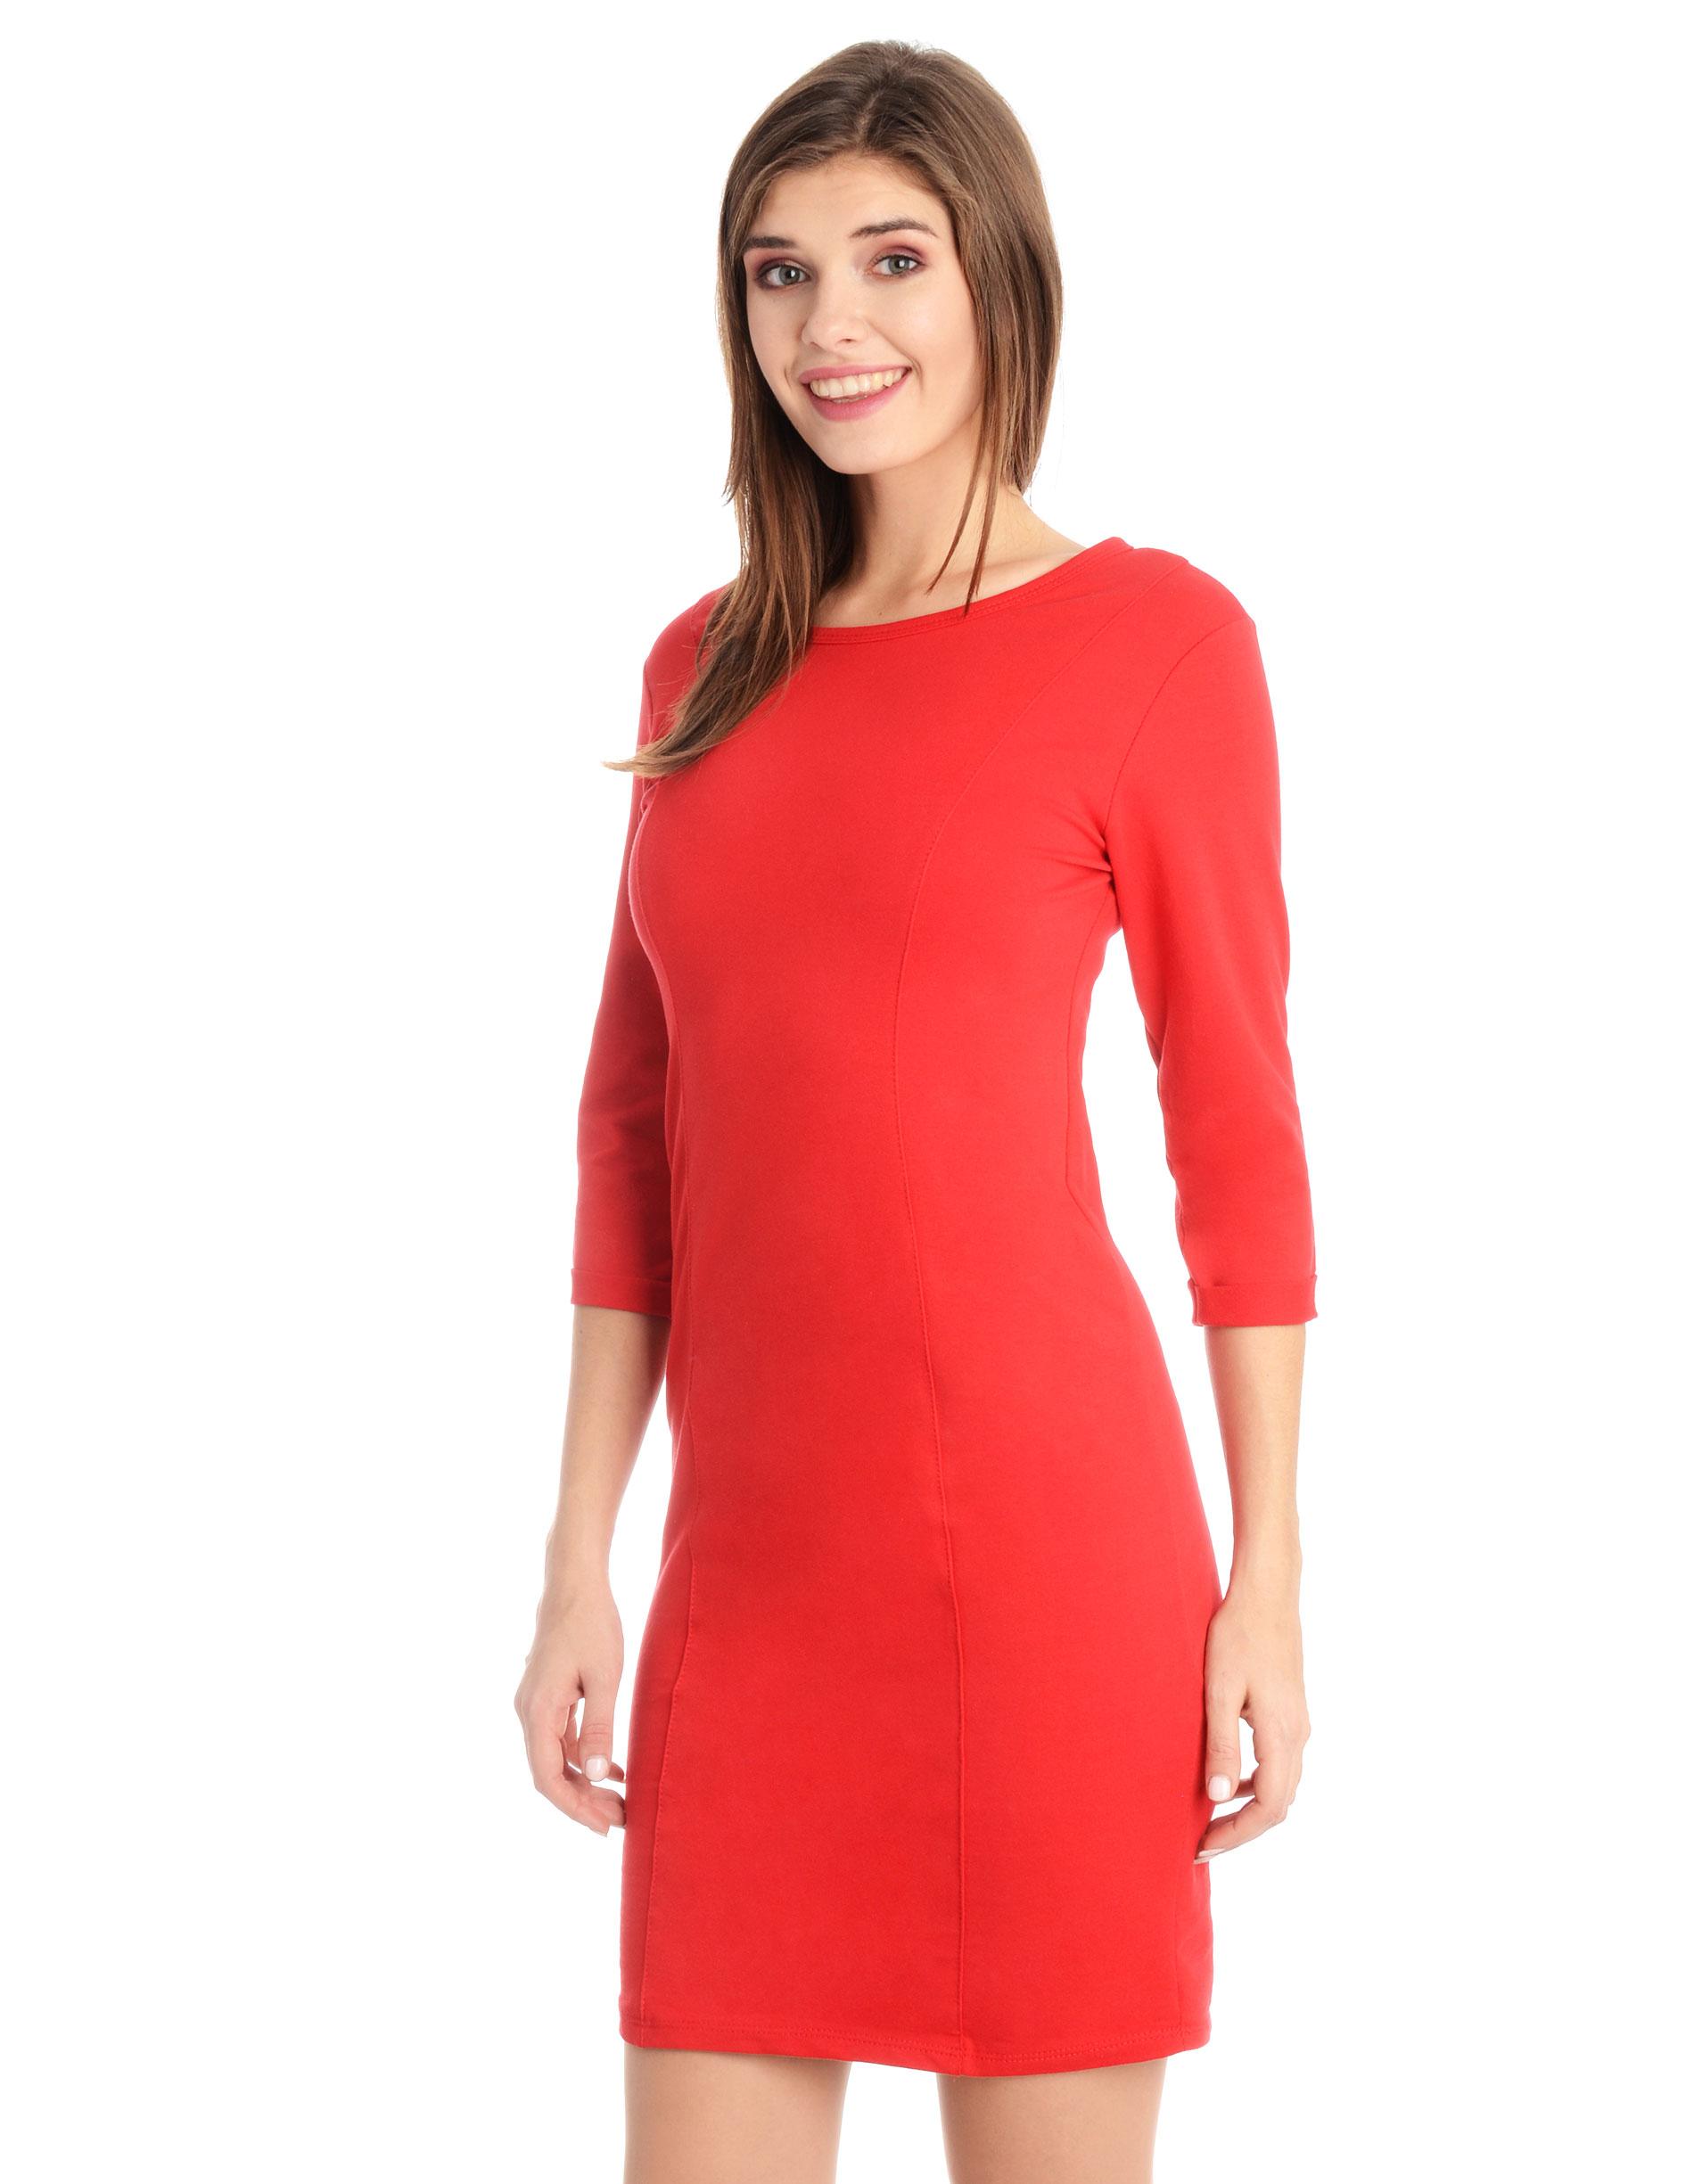 Sukienka - 118-779 ROSSO - Unisono